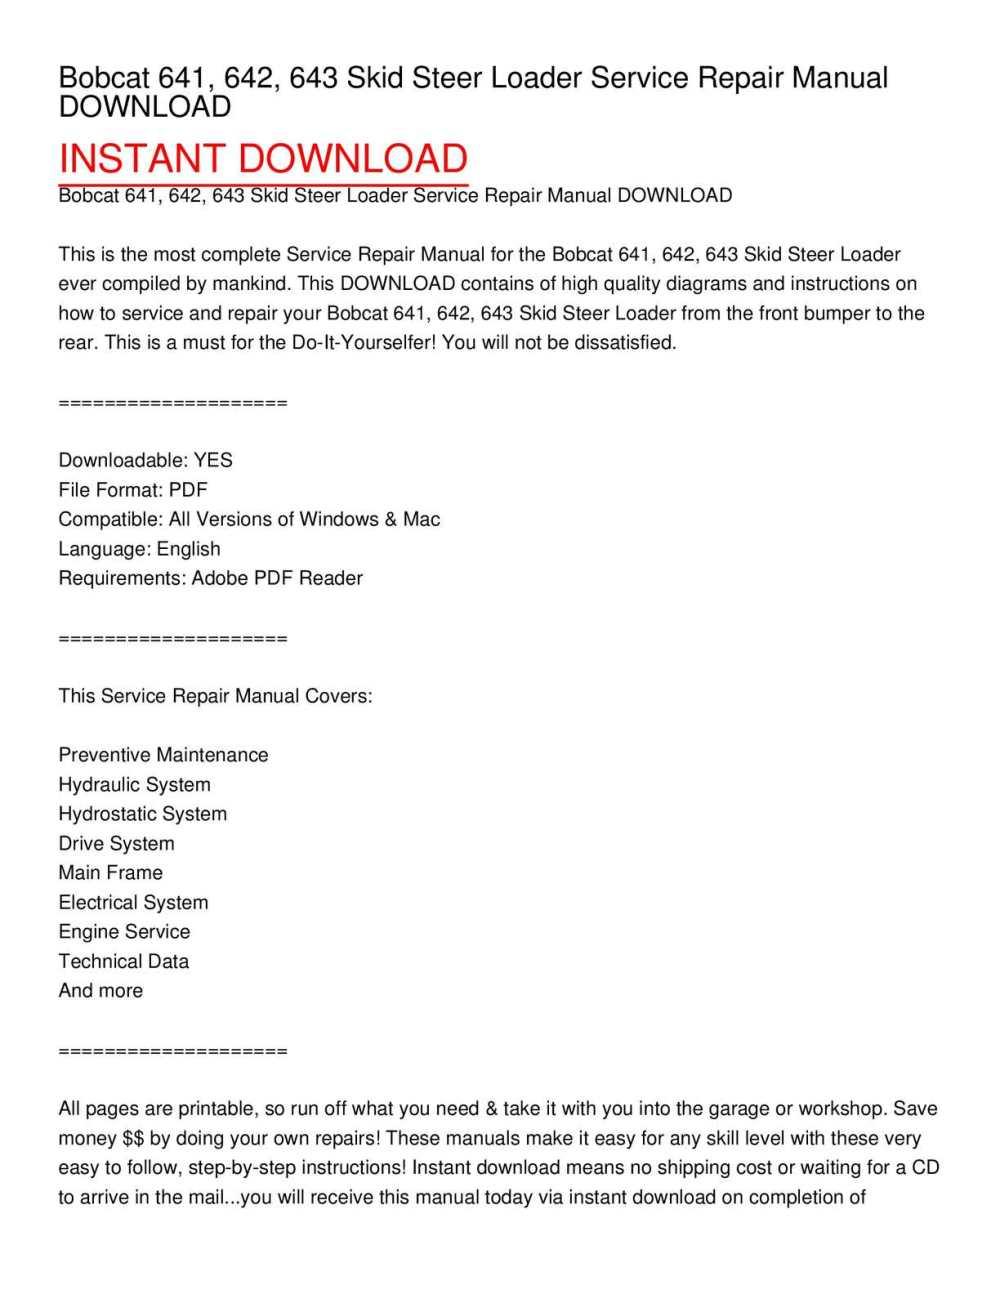 medium resolution of bobcat 641 642 643 skid steer loader service repair manual download